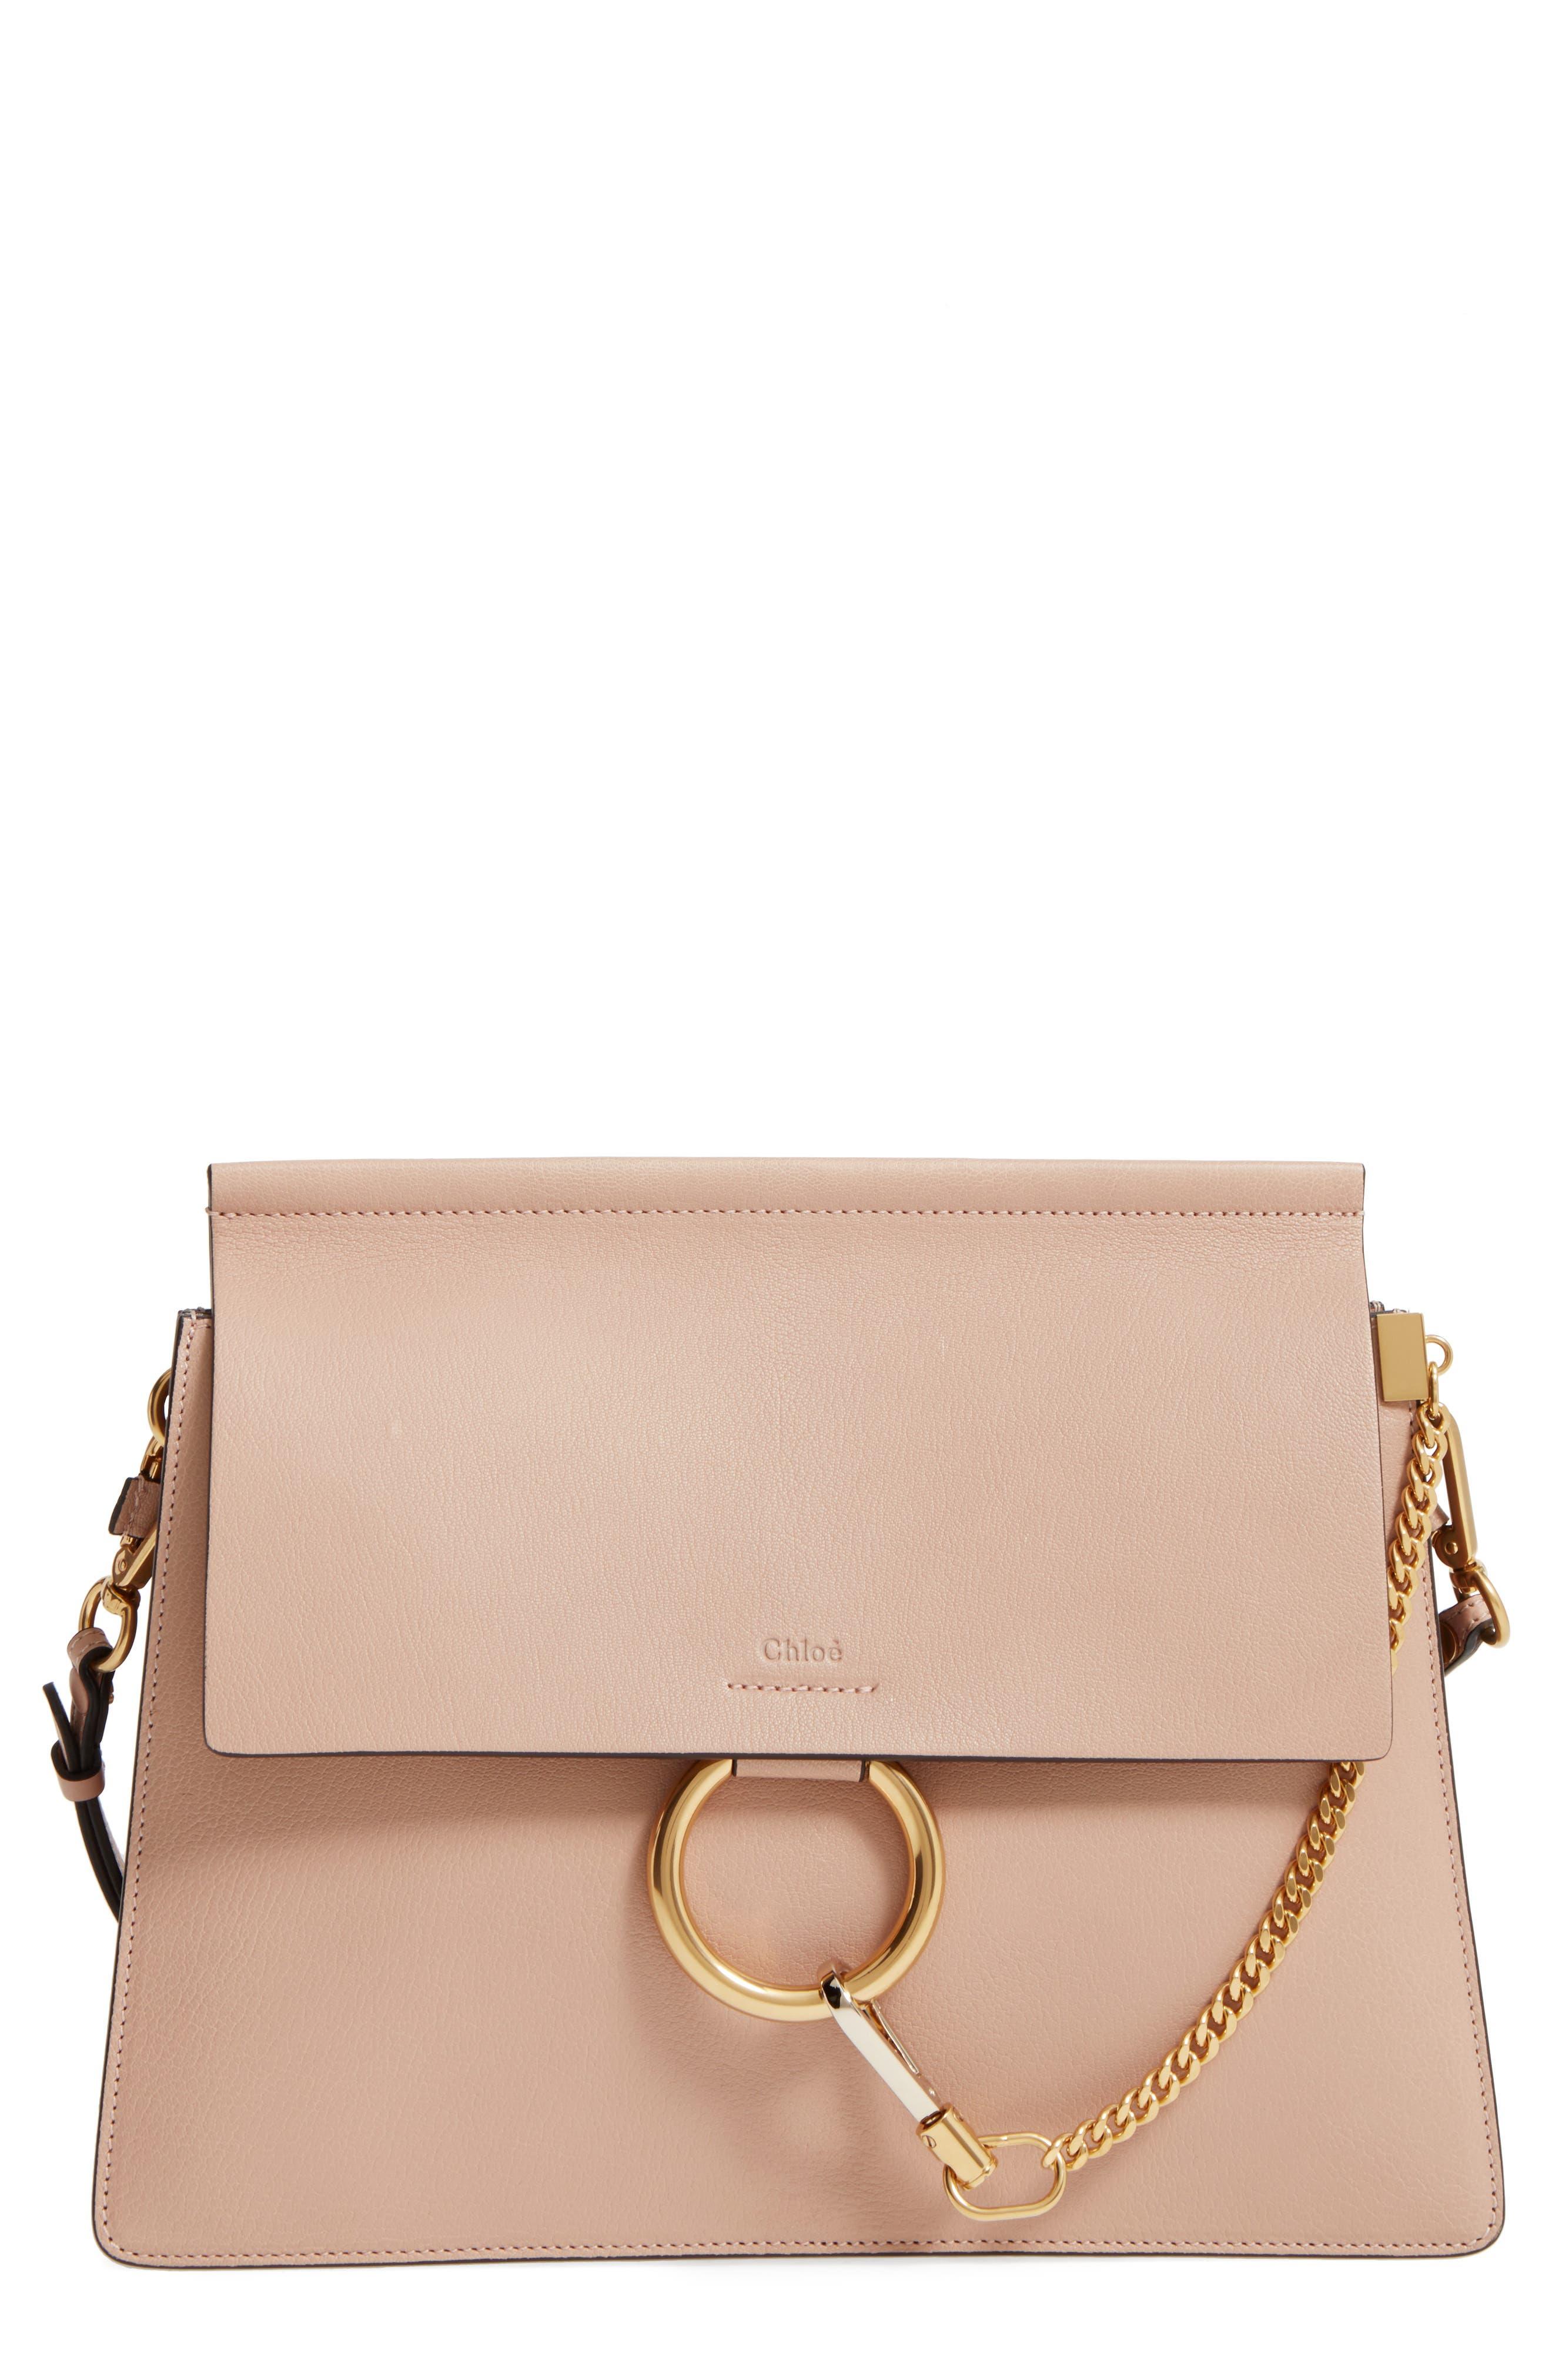 Alternate Image 1 Selected - Chloé Faye Goatskin Leather Shoulder Bag